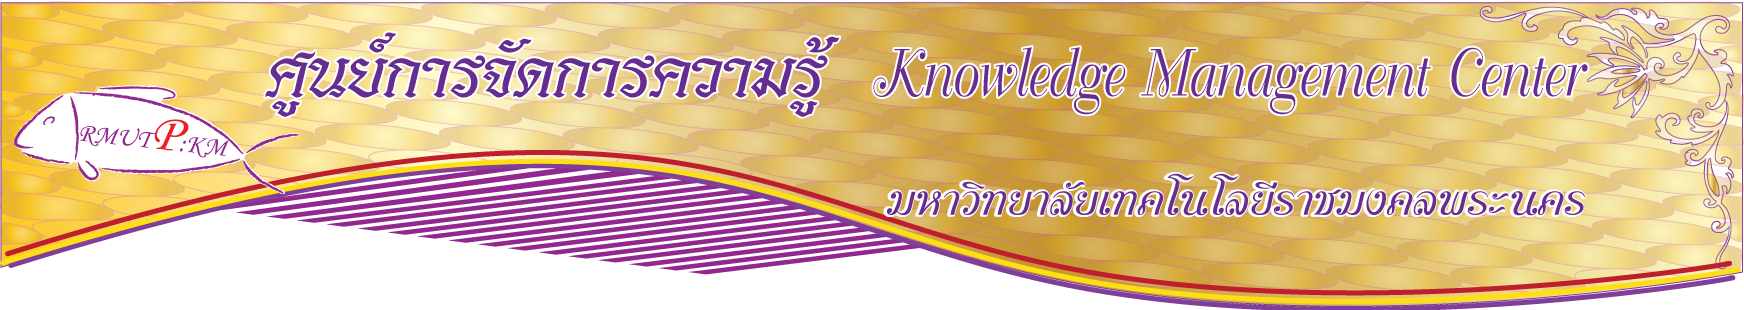 Head-KM-New